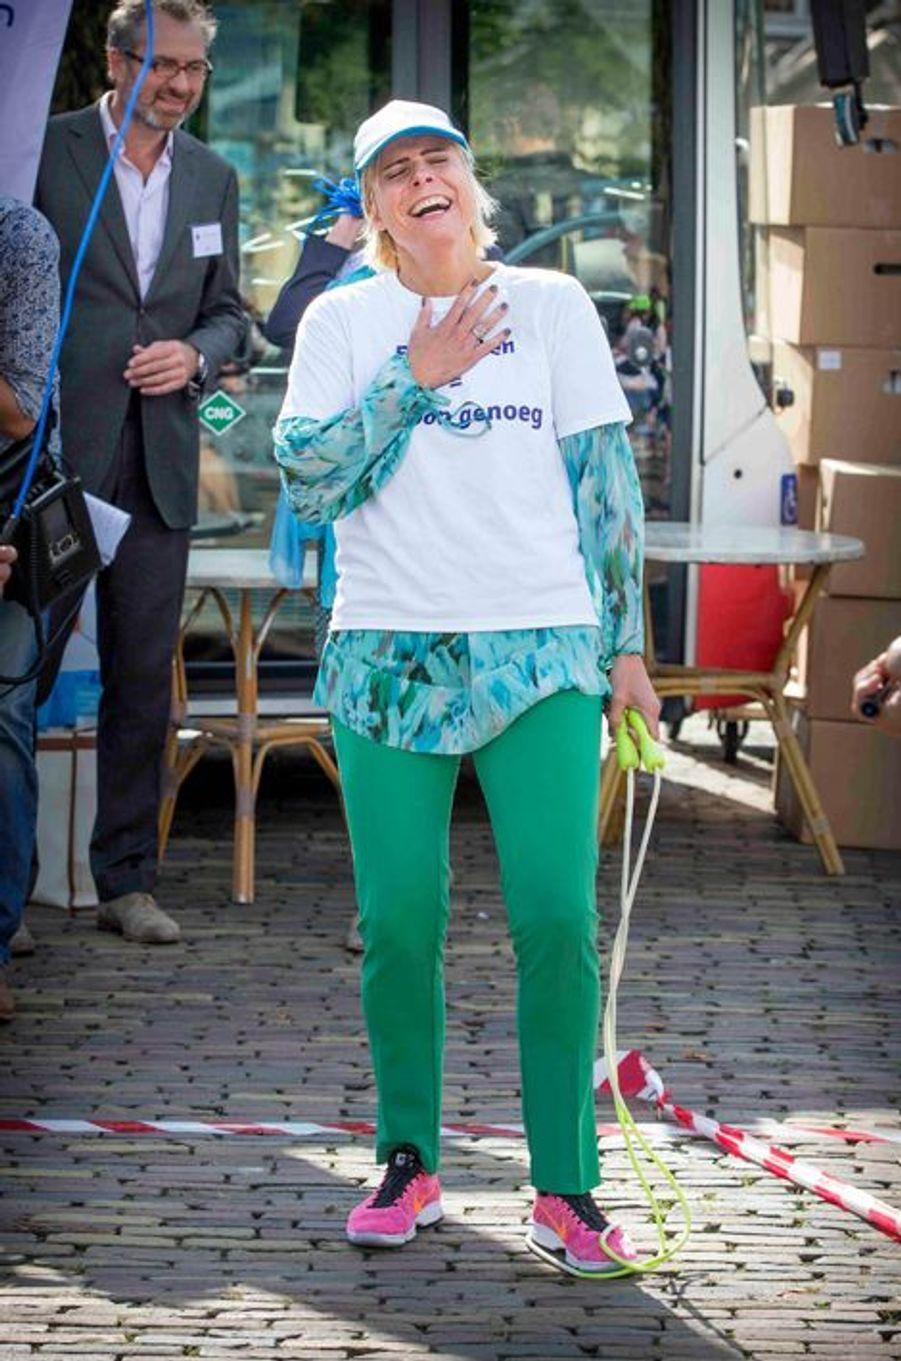 La princesse Laurentien des Pays-Bas à La Haye, le 3 septembre 2015